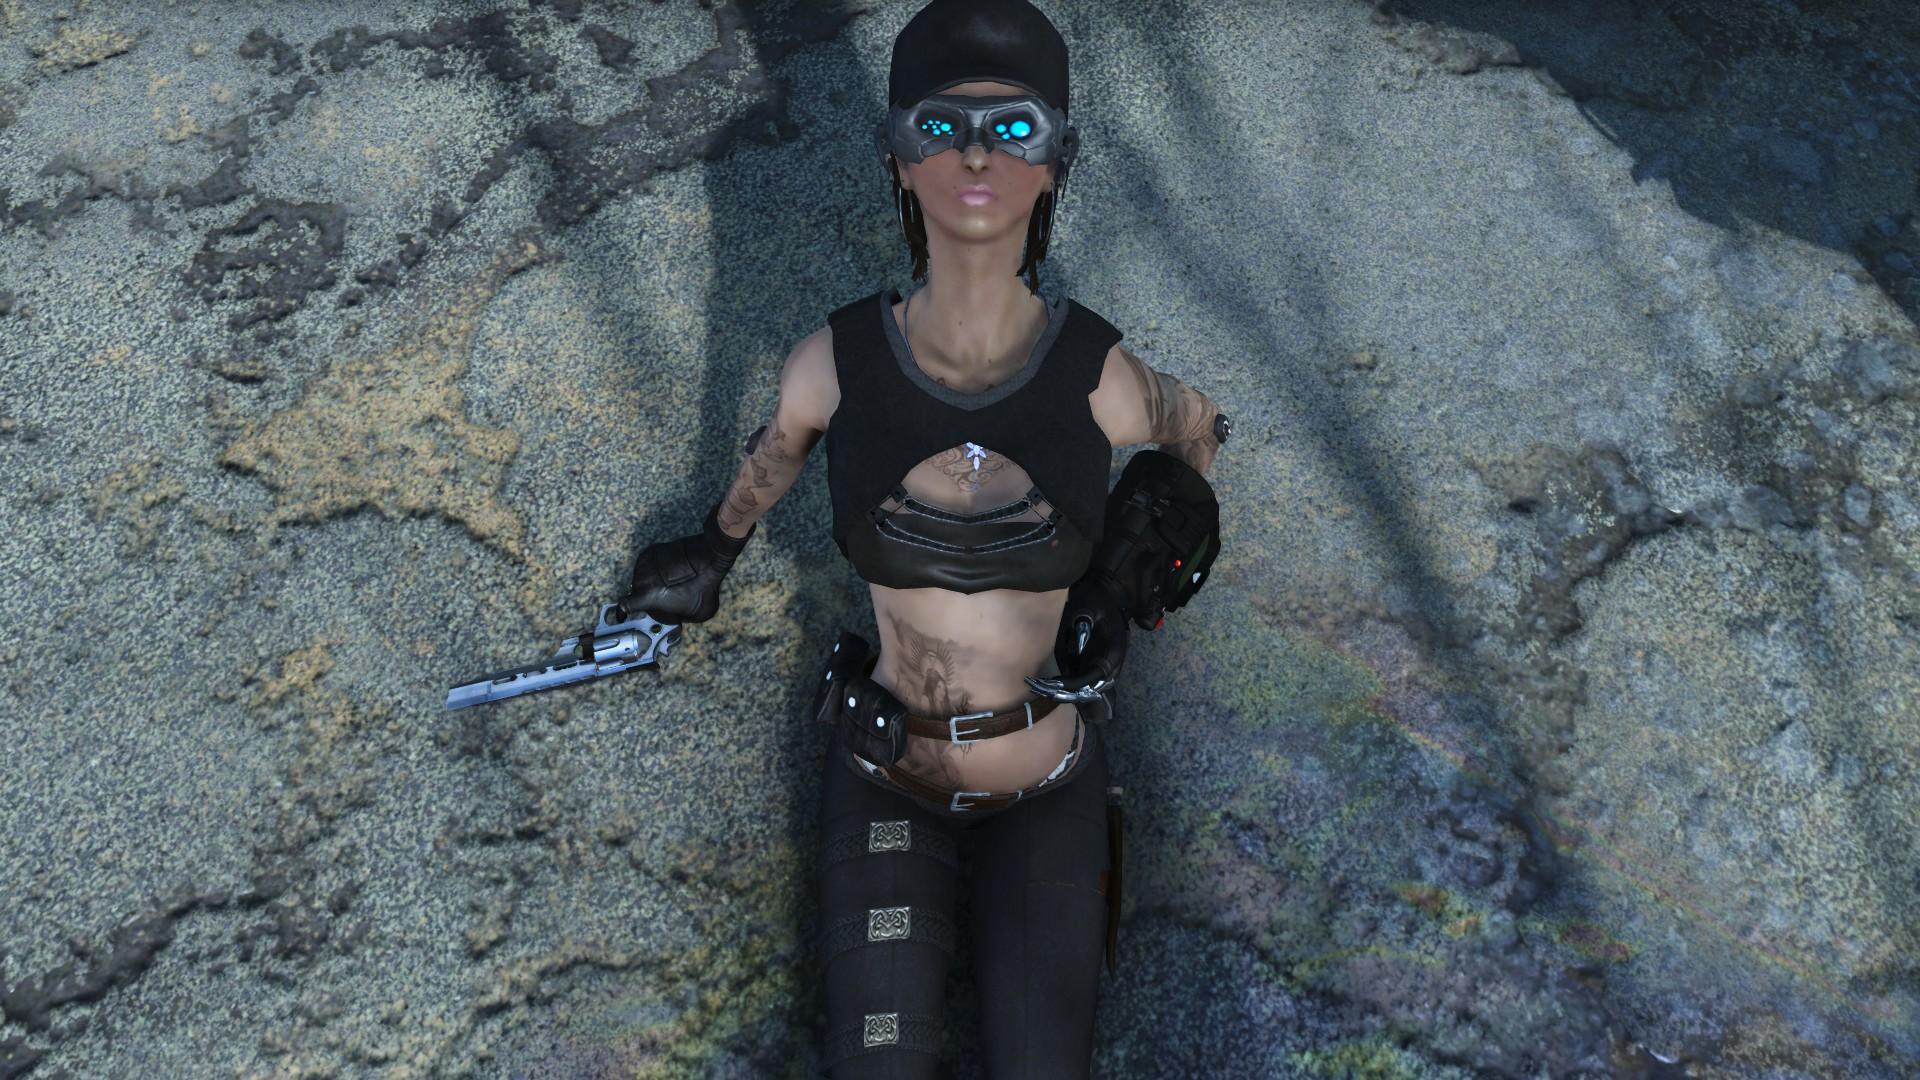 Сексуальная путешественница! - Fallout 4